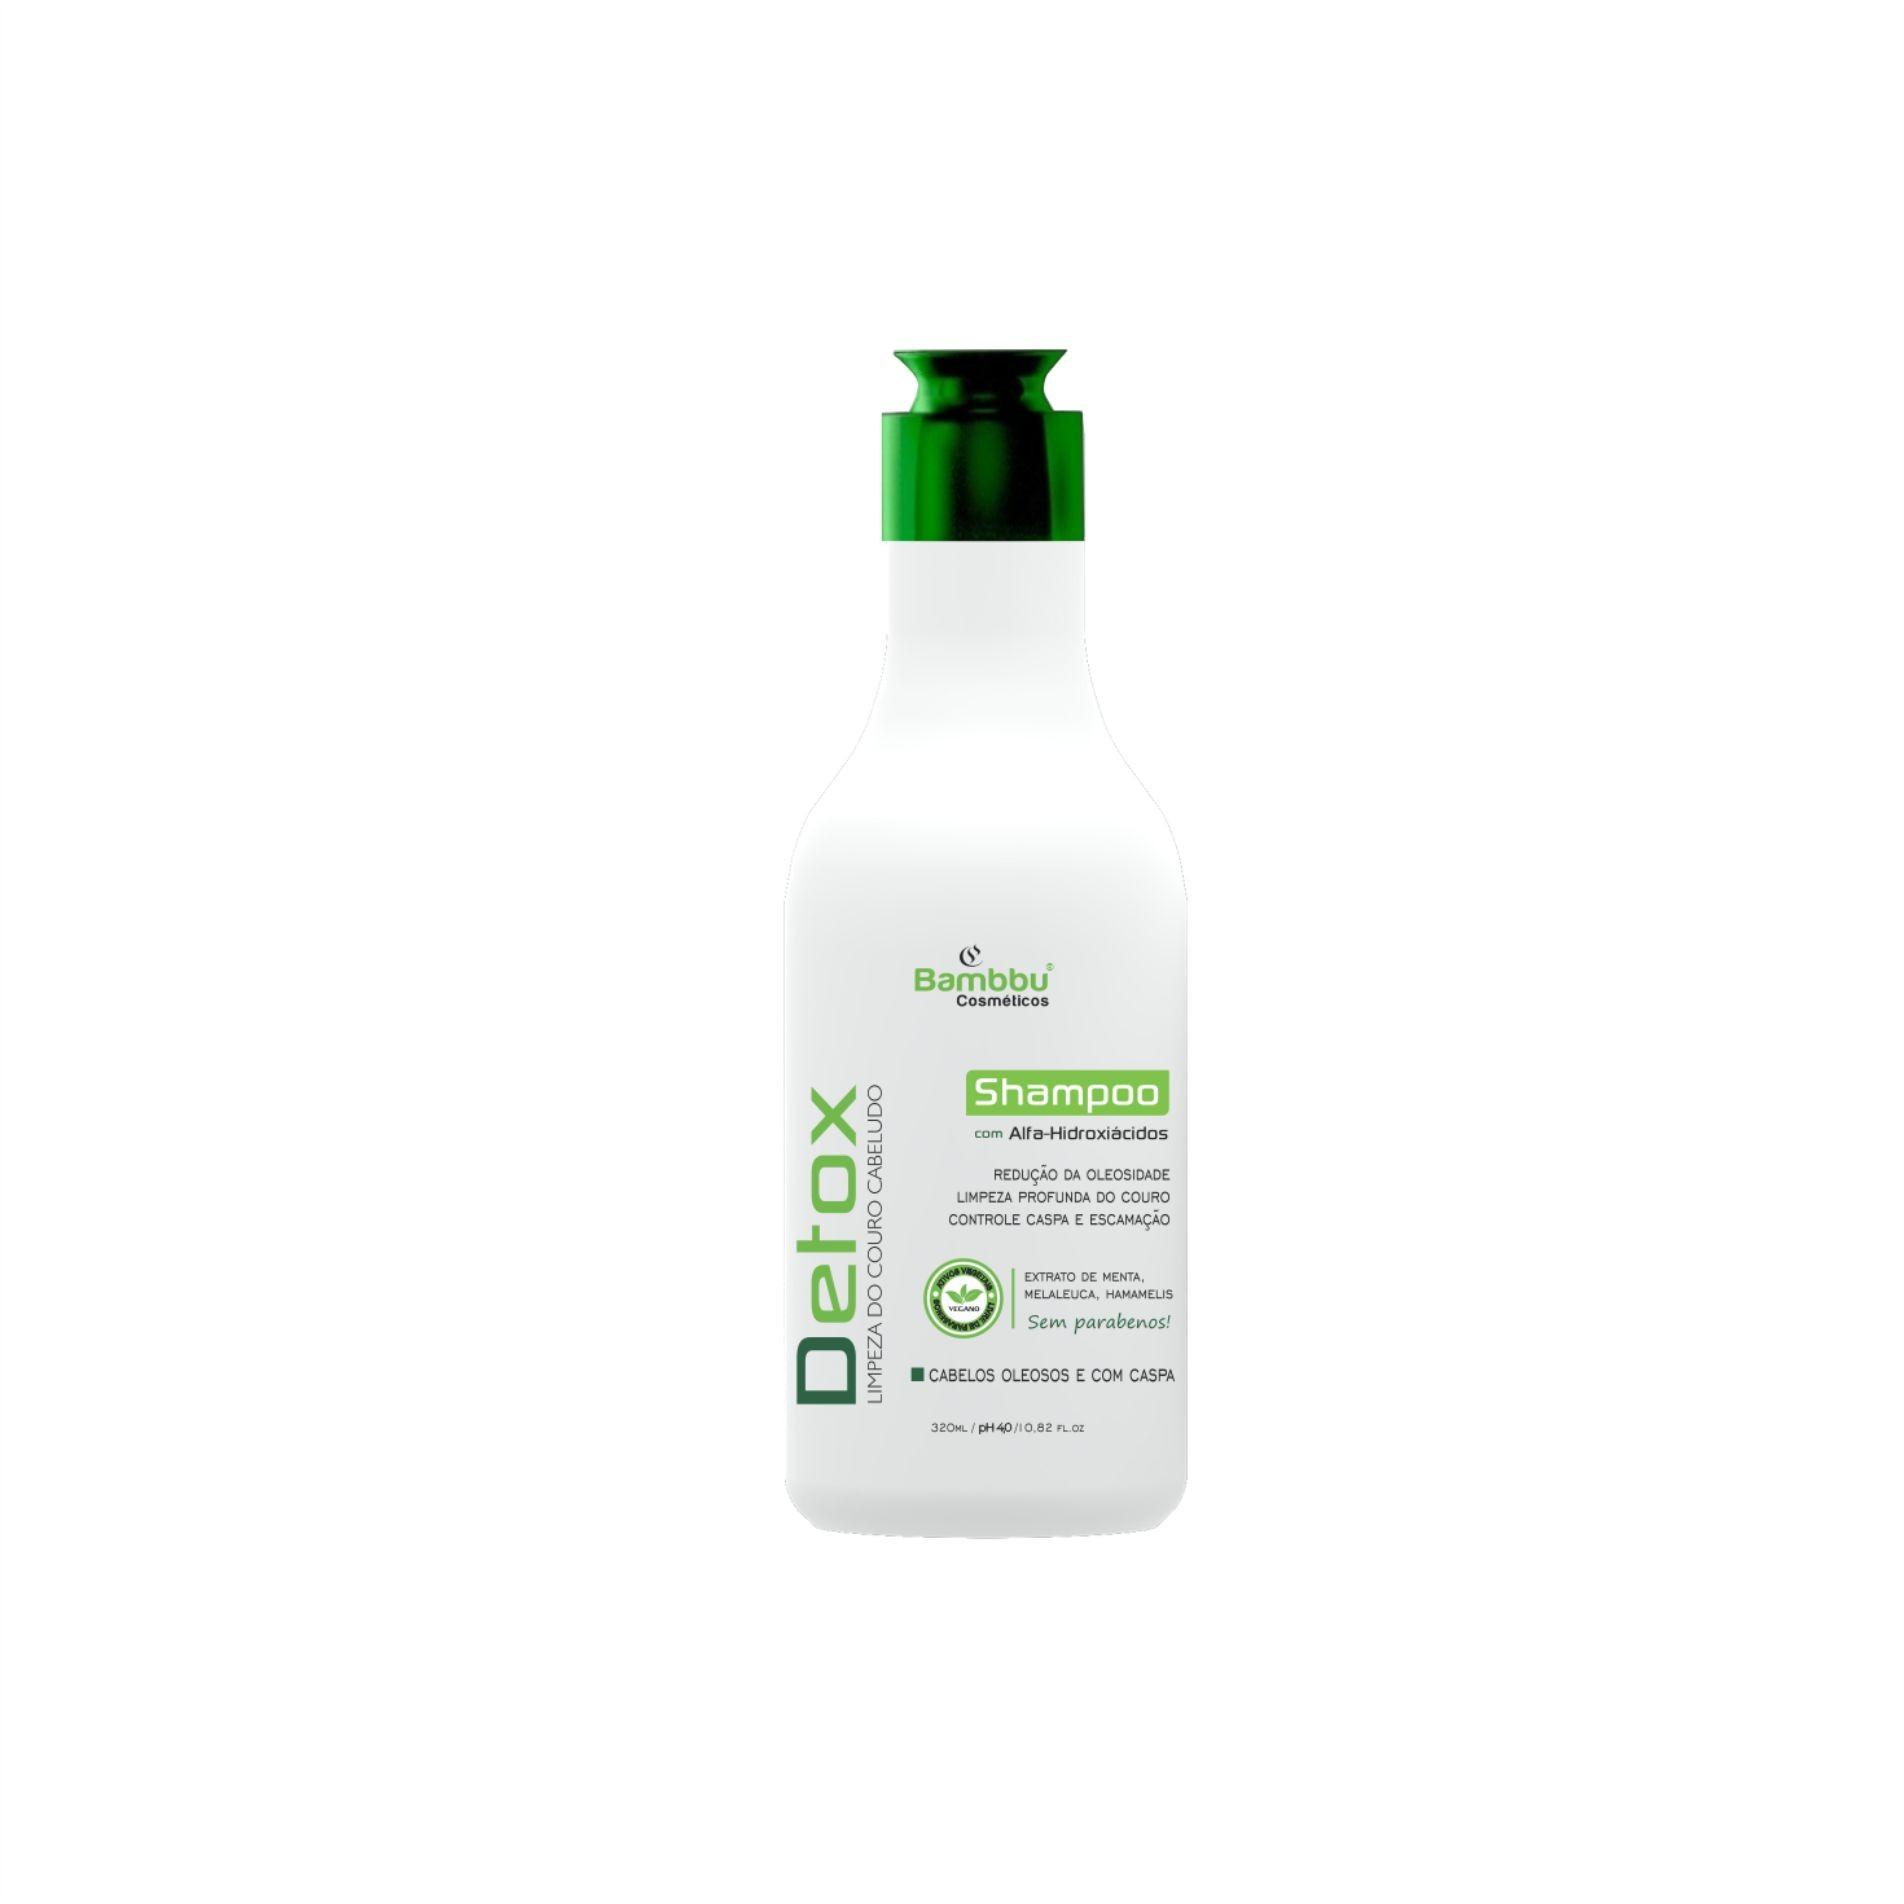 Shampoo Anti Oleosidade, para cabelos oleosos e com caspa - couro cabeludo